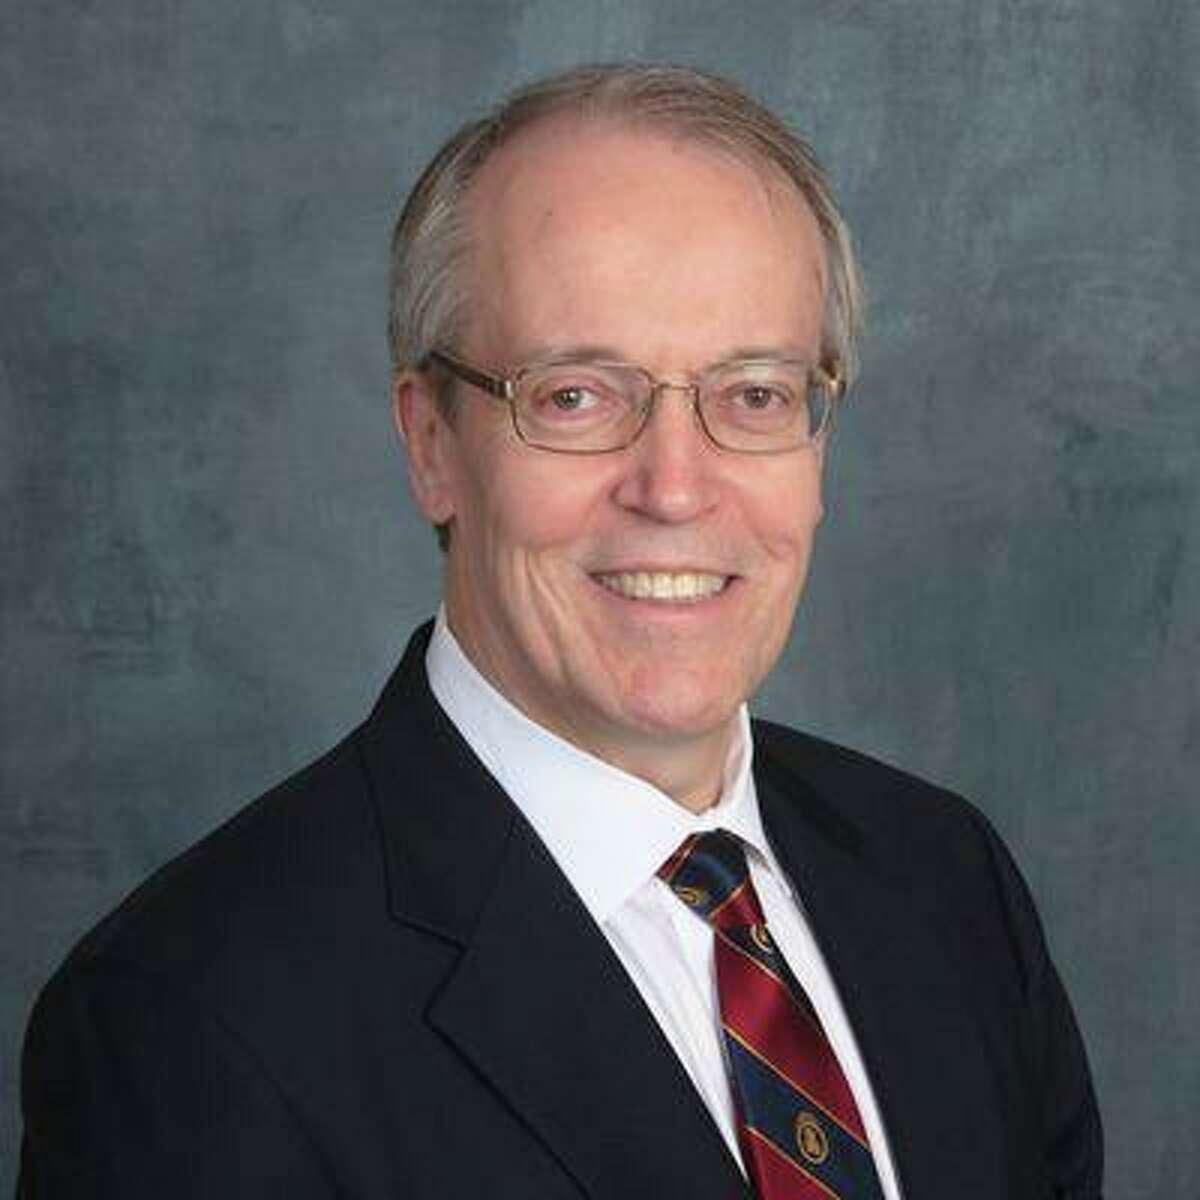 Dr. Kevin R. C. Gutzman